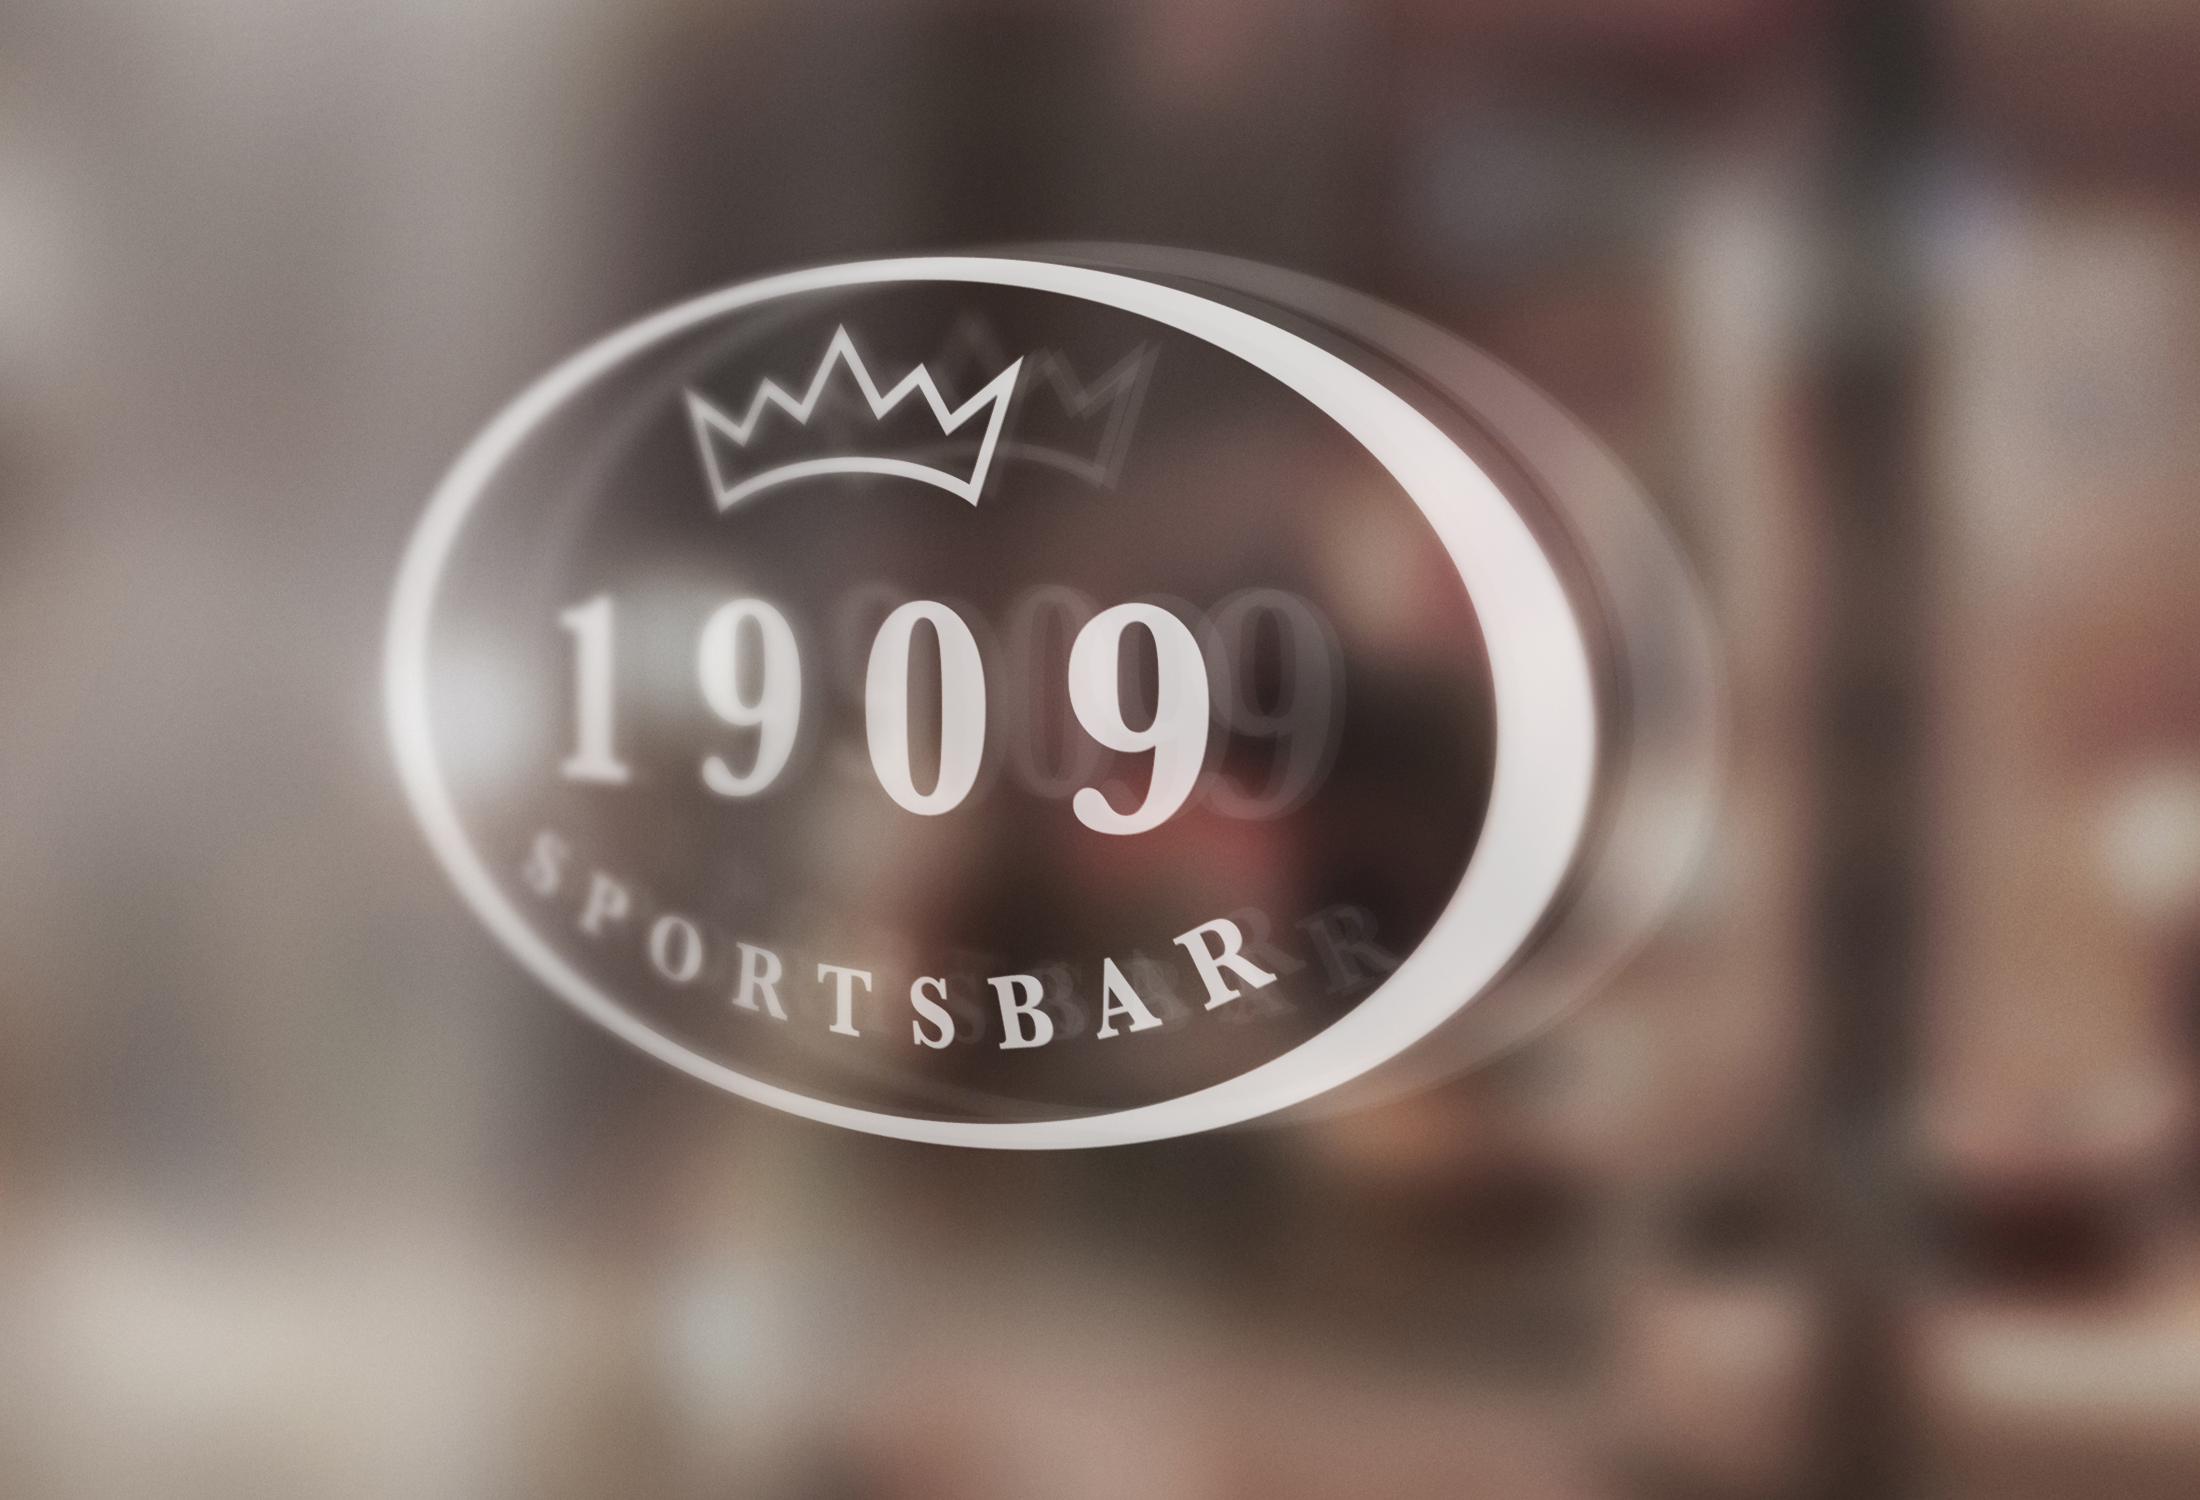 1909 Sportsbar - Logo,meny og plakat for Dr.Holms nye sportsbar